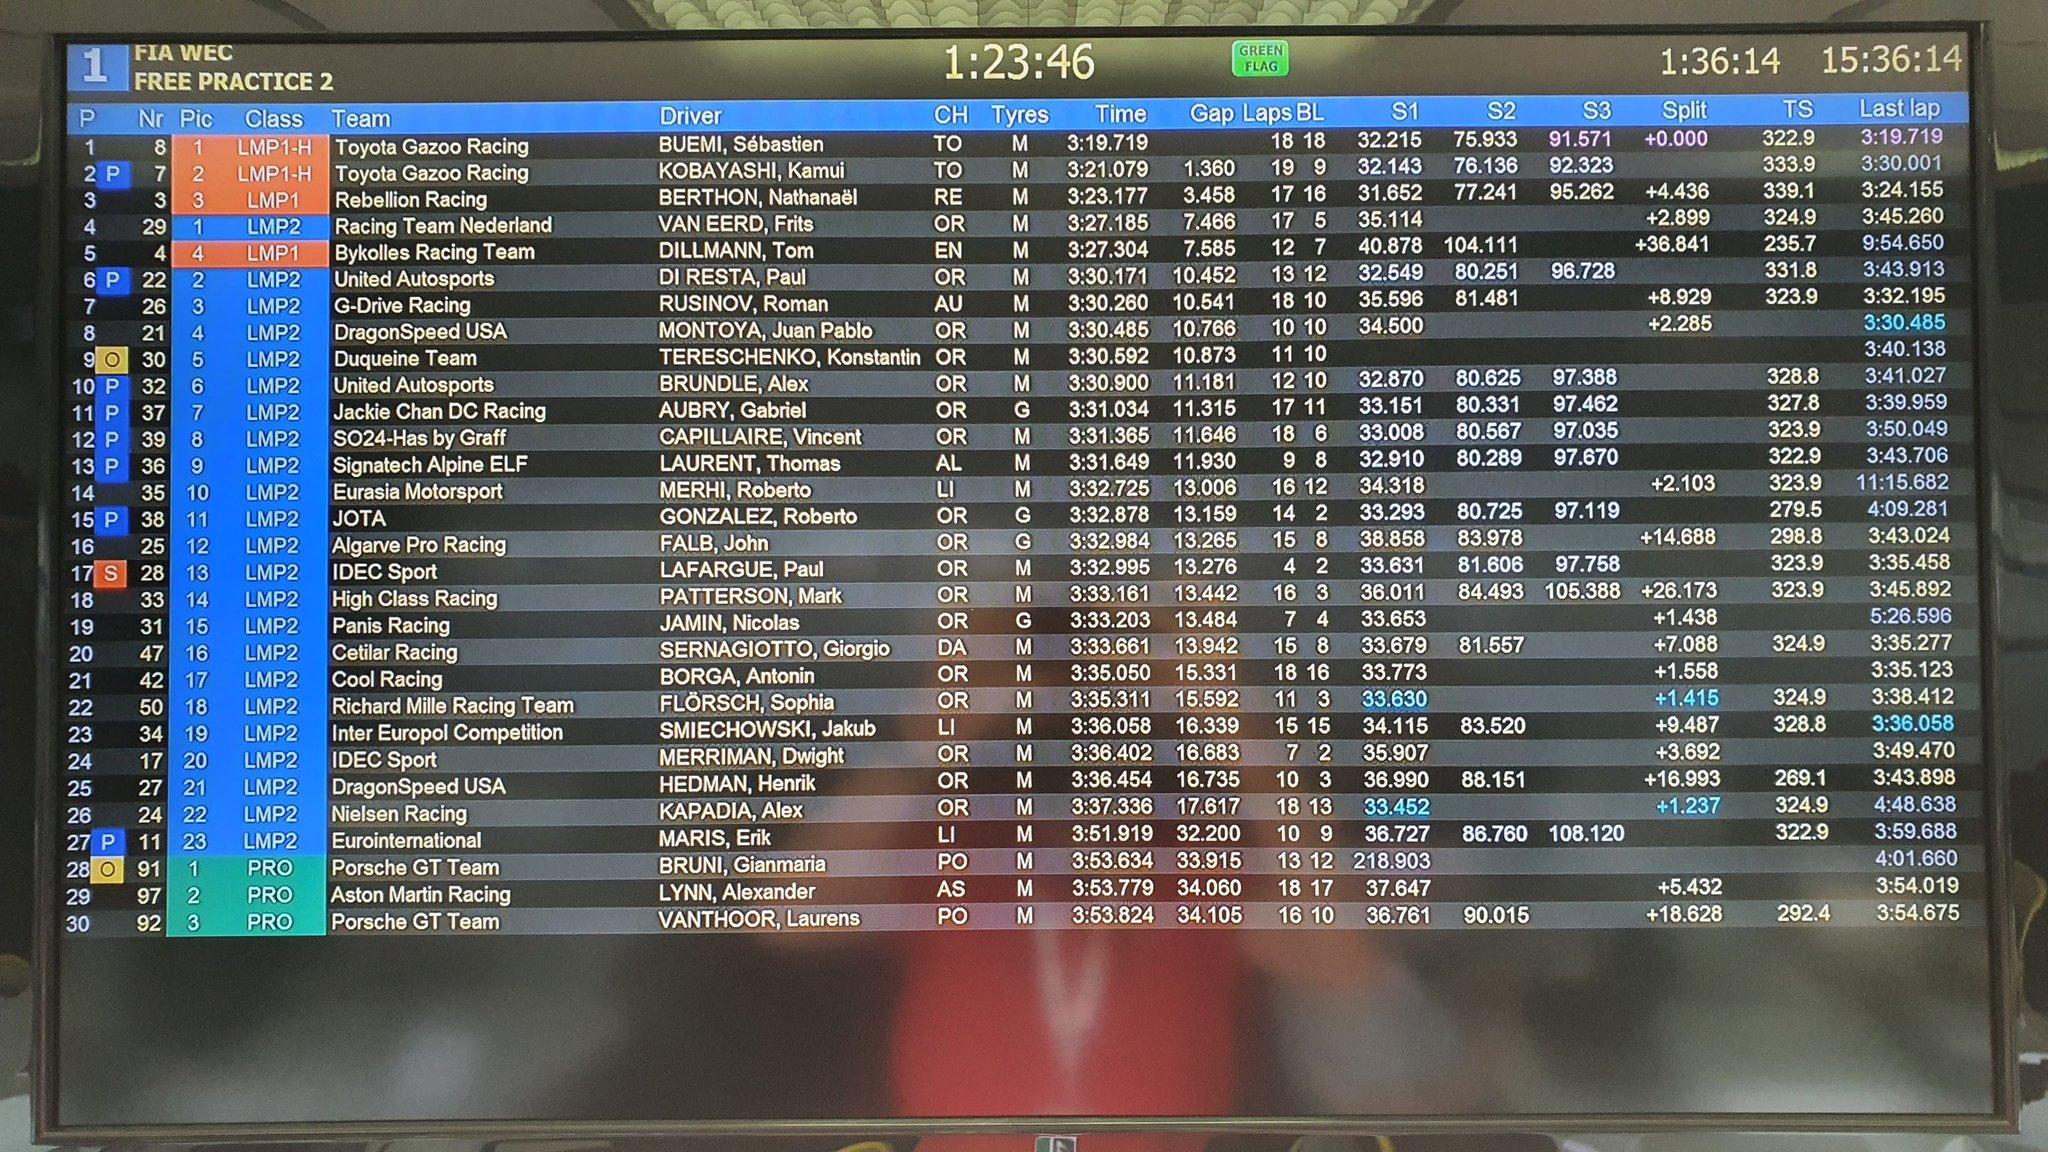 FP2 Le Mans